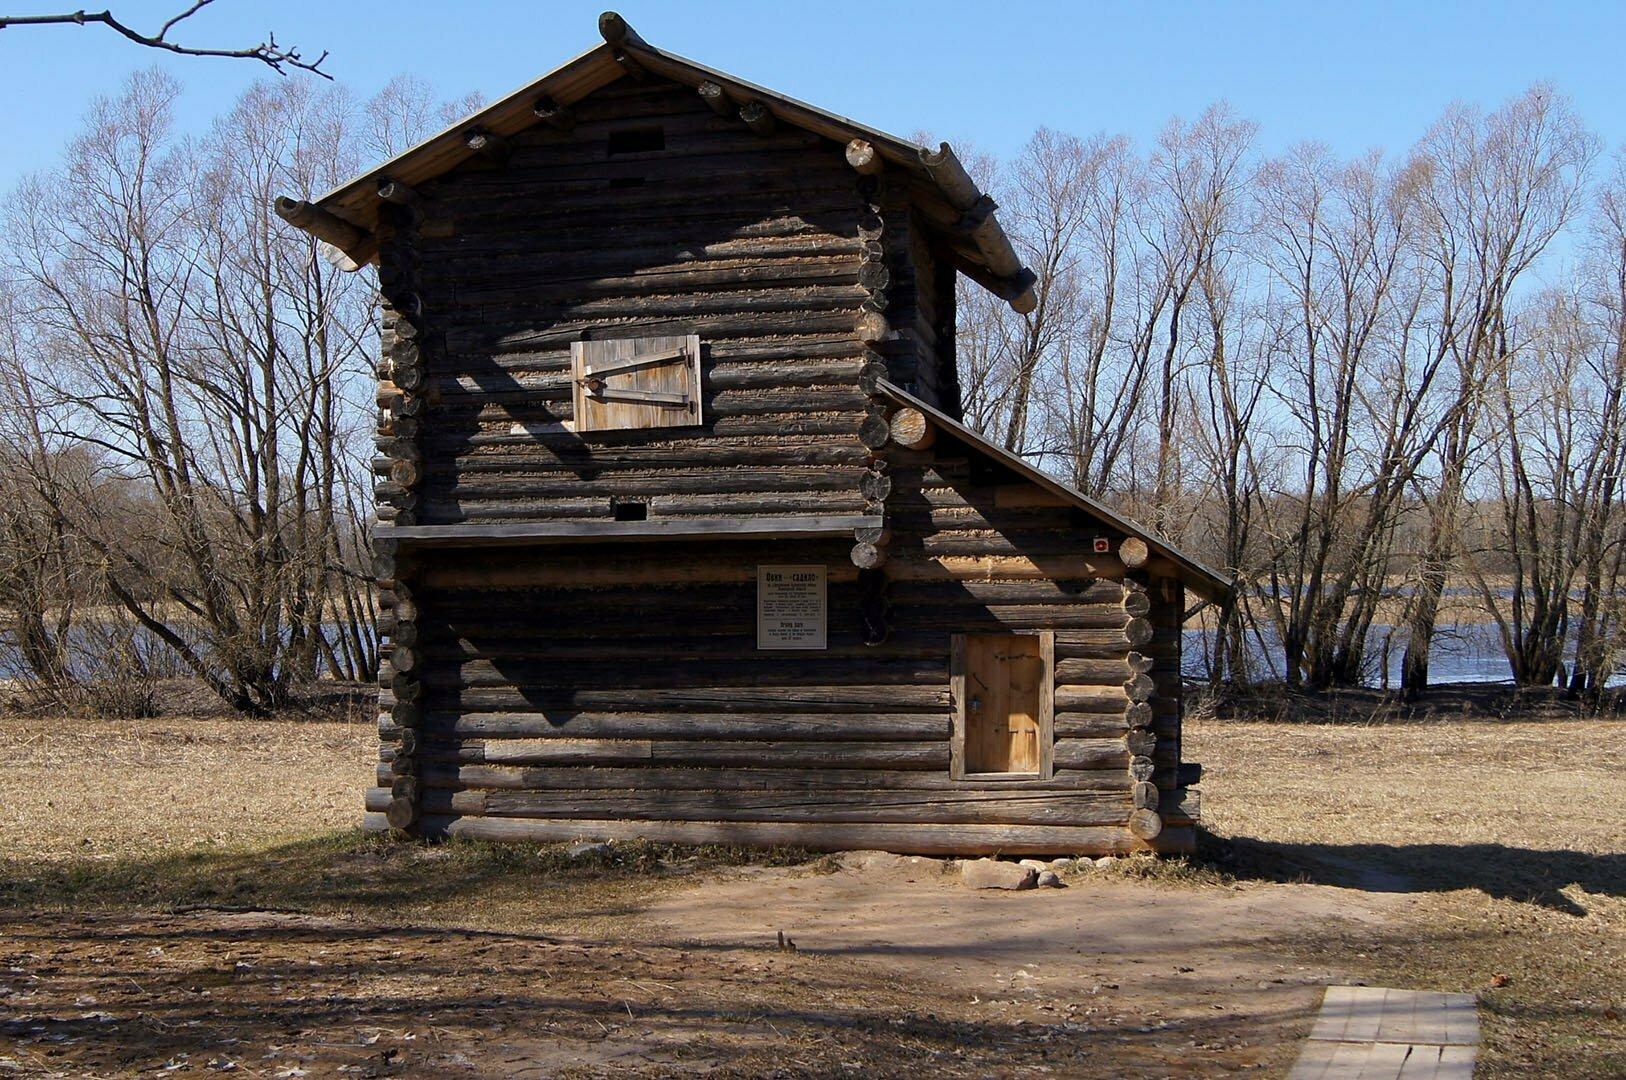 Овин, Музей деревянного зодчества в Великом Новгороде